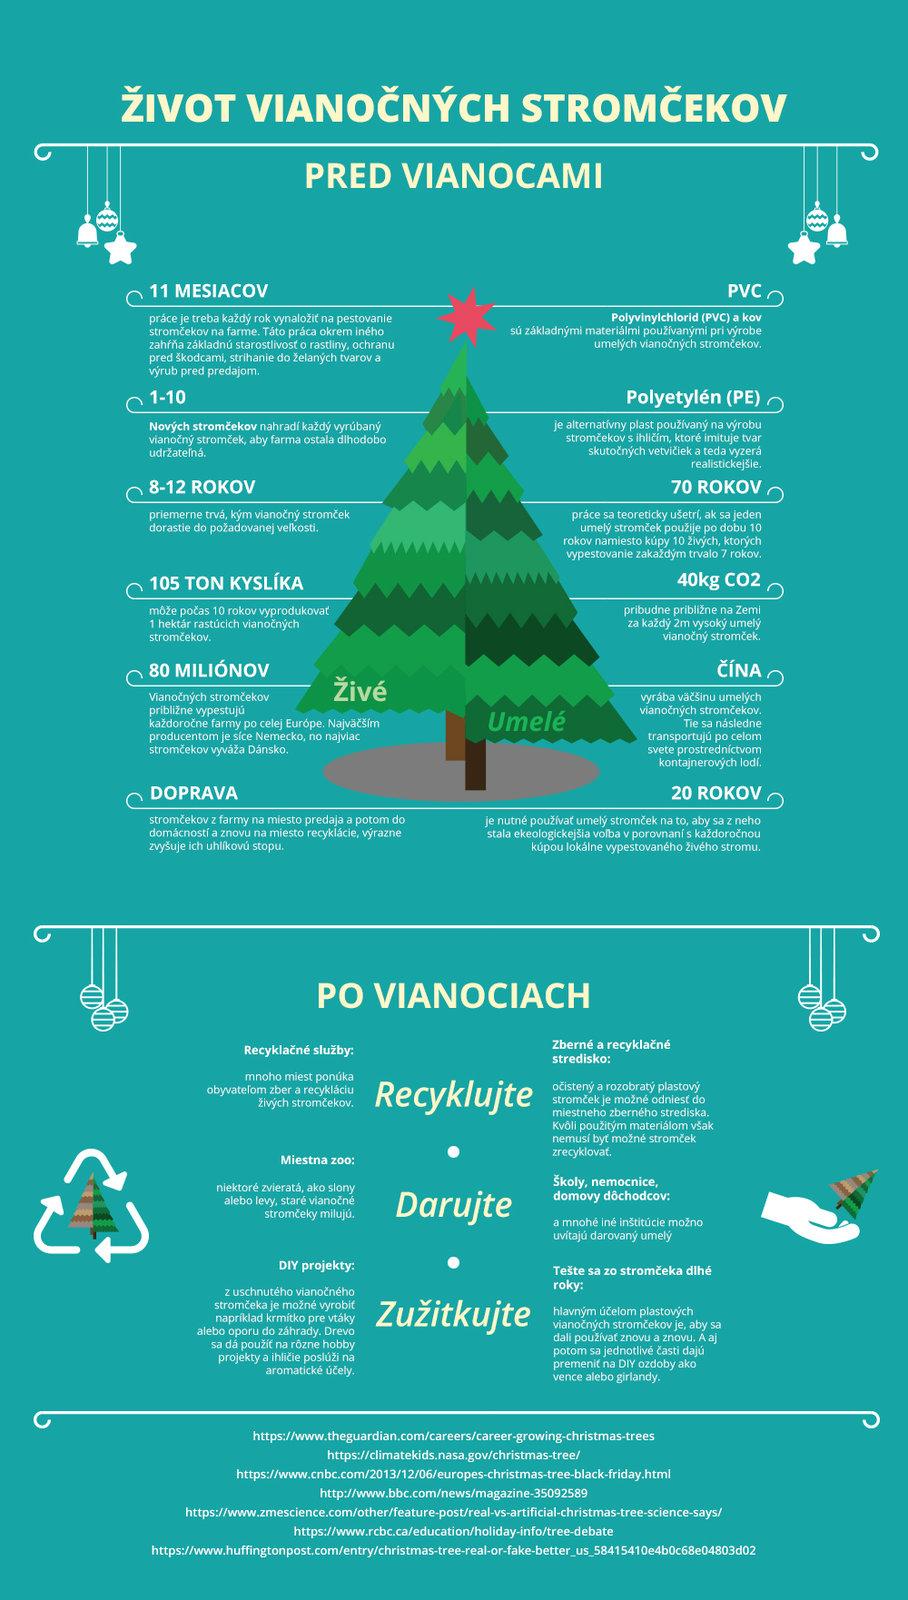 Život vianočných stromčekov - infografika ShopAlike